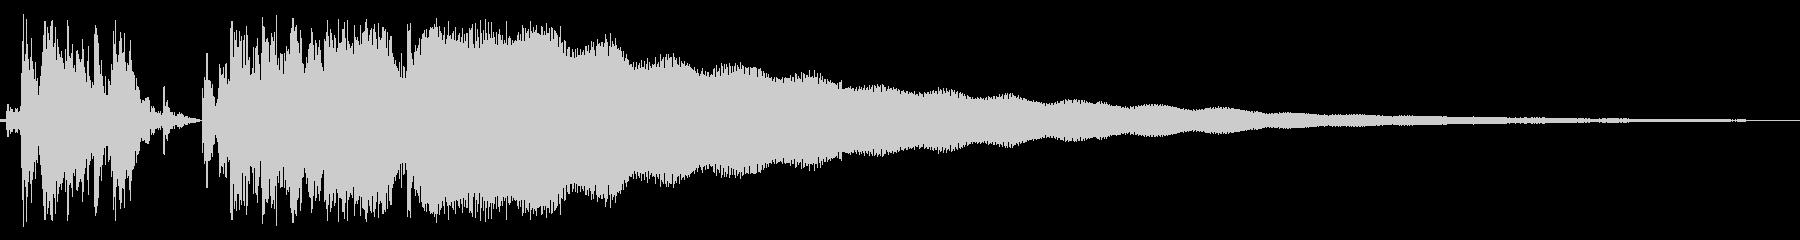 レジスターの清算音(昭和レジスターの音)の未再生の波形